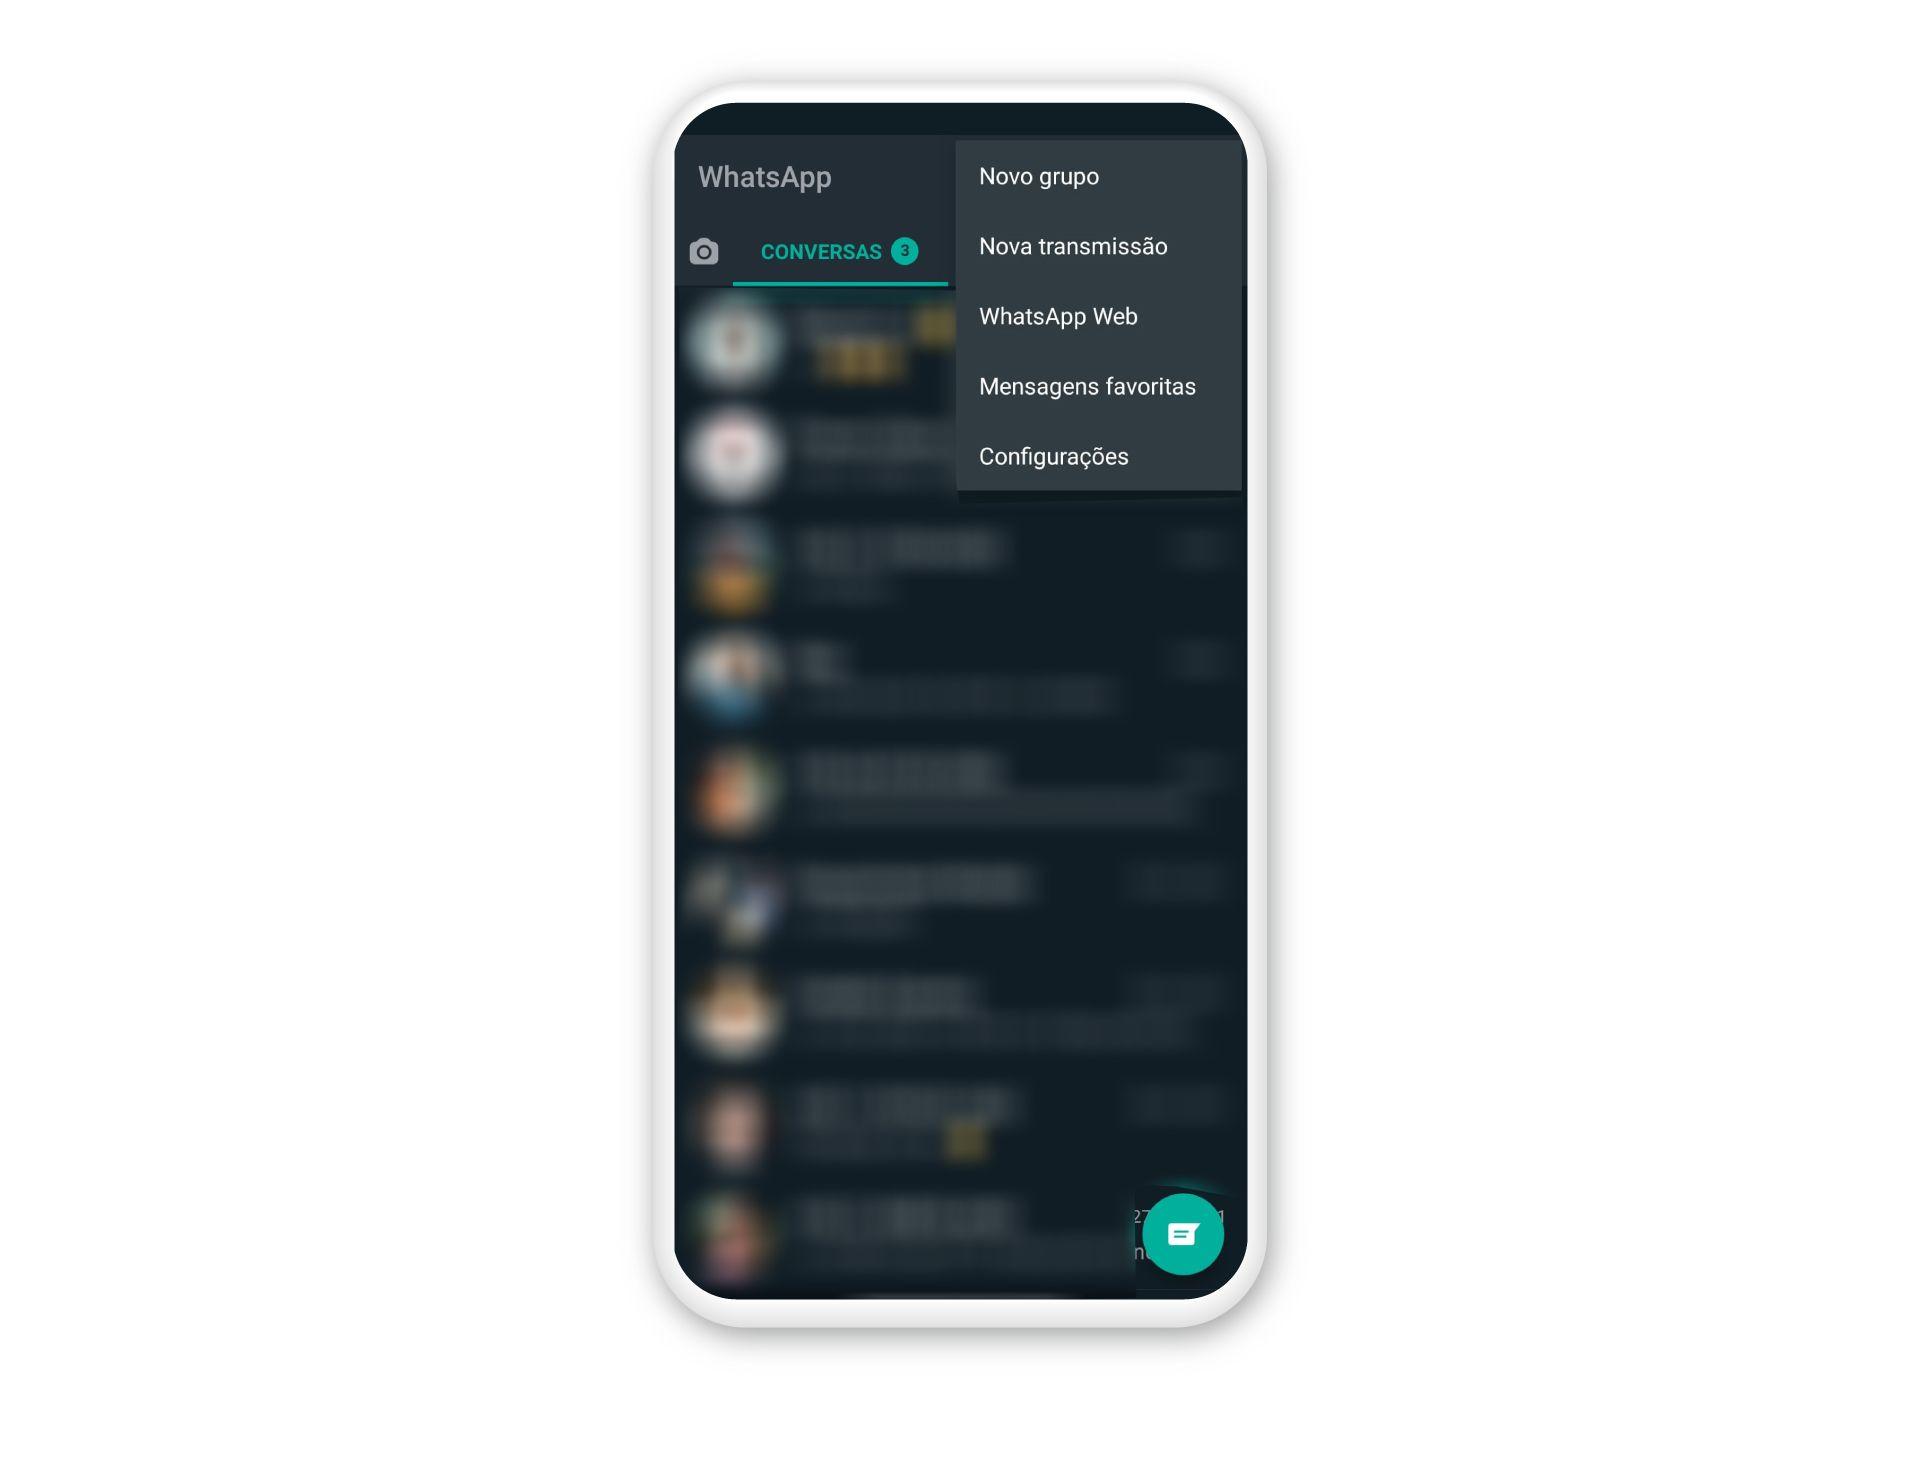 O WhatsApp possui uma opção para acessar a versão web (Fonte: Reprodução/Zoom)